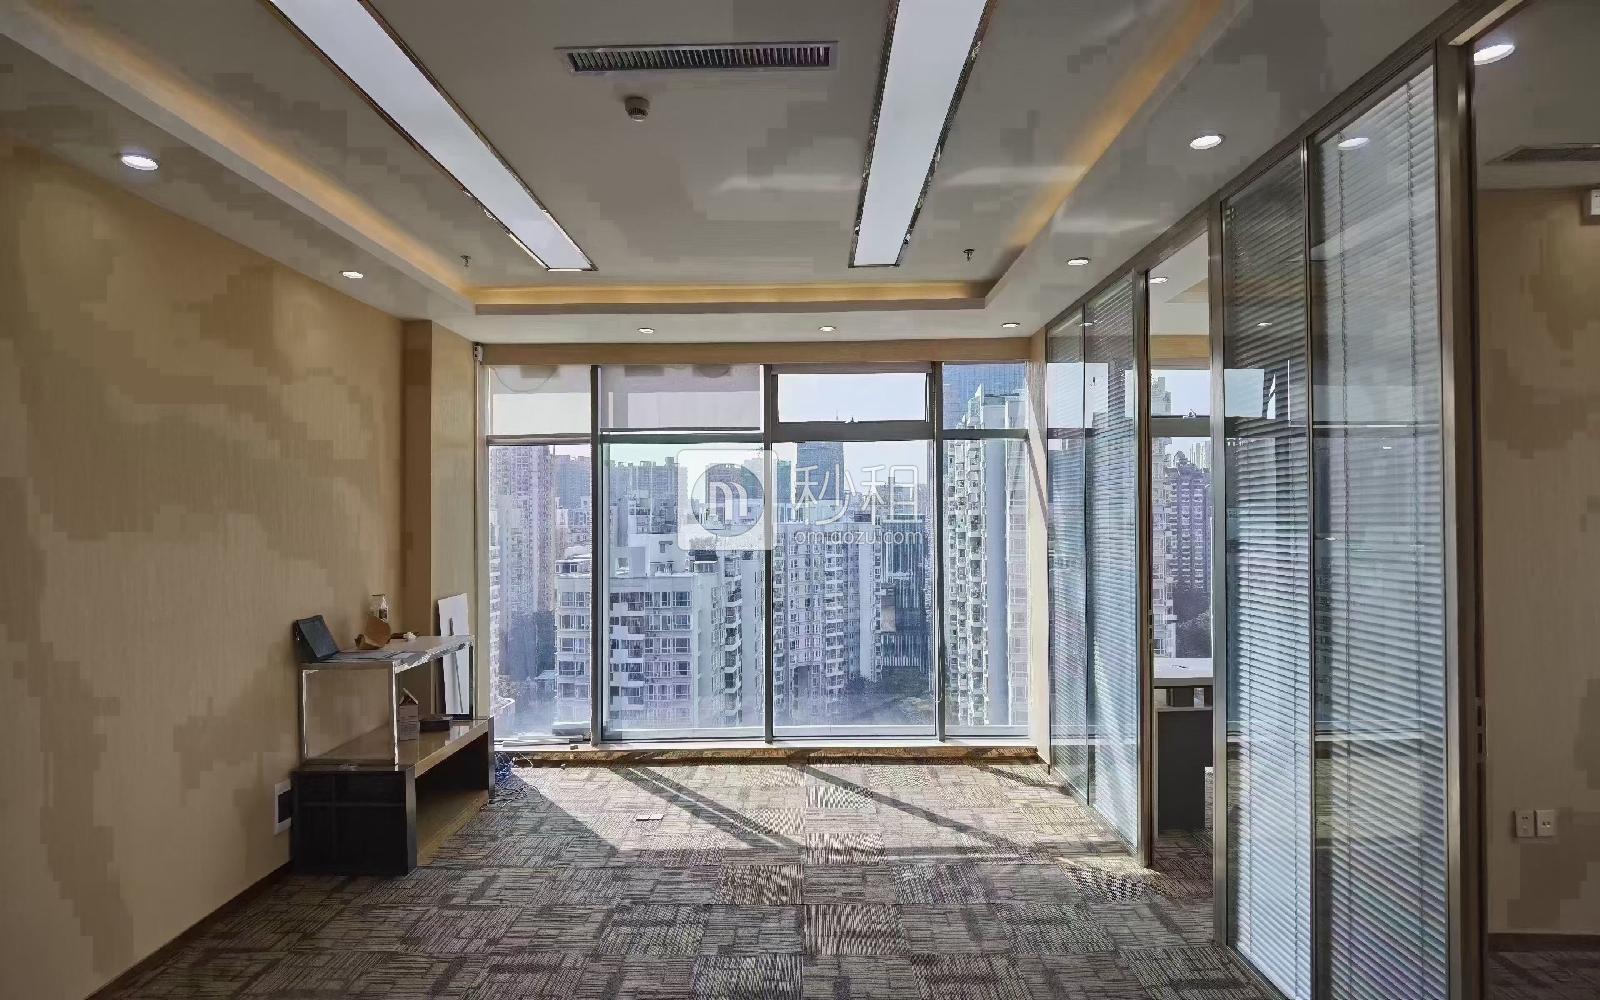 南山-后海 天利中央广场(一期) 239m²